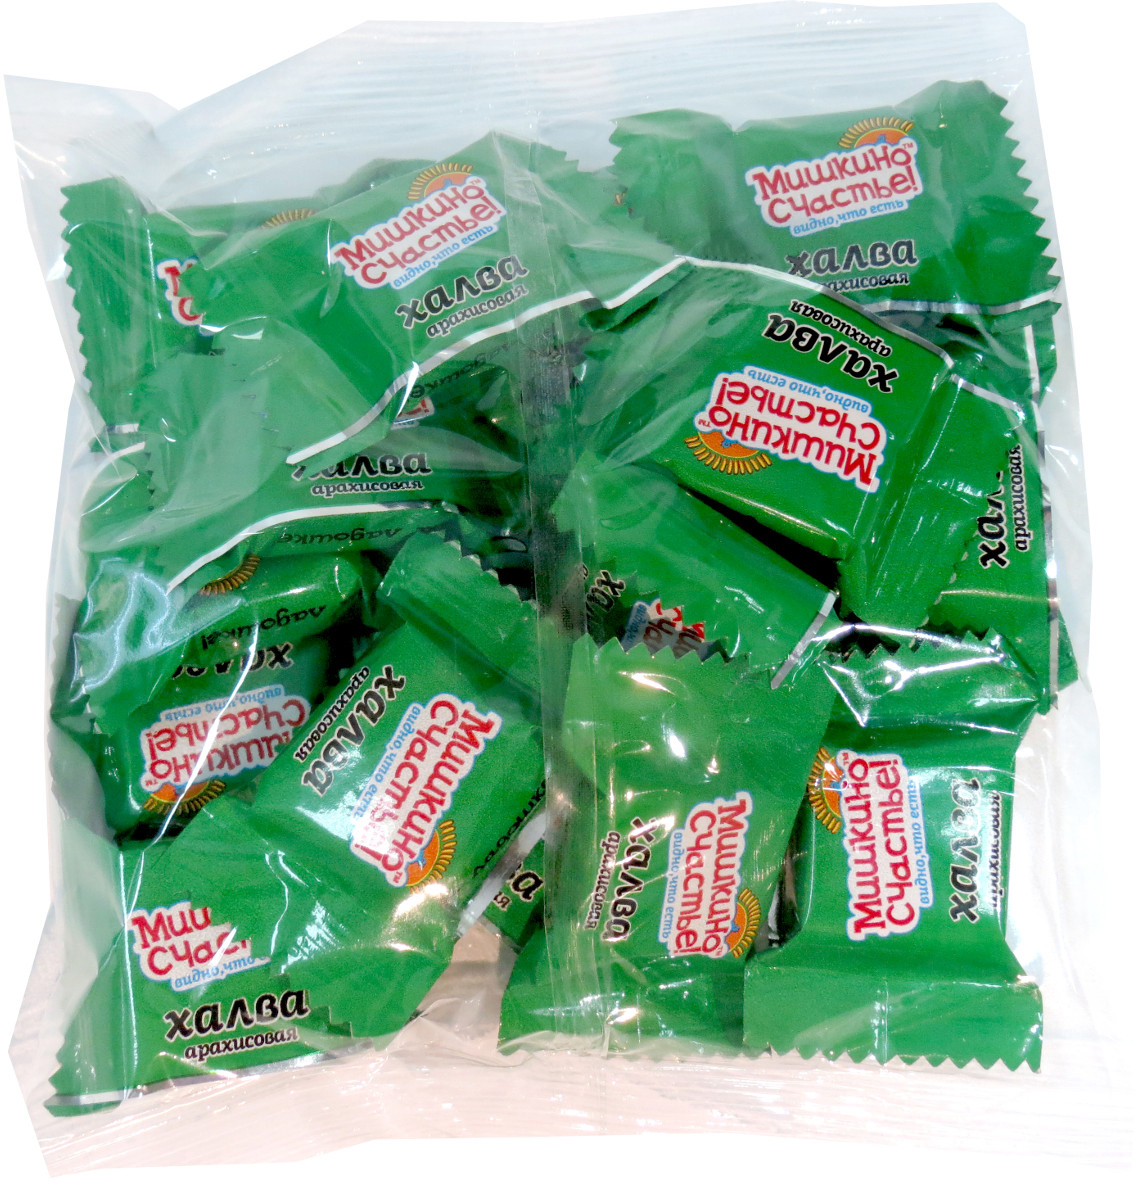 Мишкино счастье конфеты халва арахисовая, 300 г0120710Тающая во рту конфета из арахиса. Конфеты в удобной упаковке.